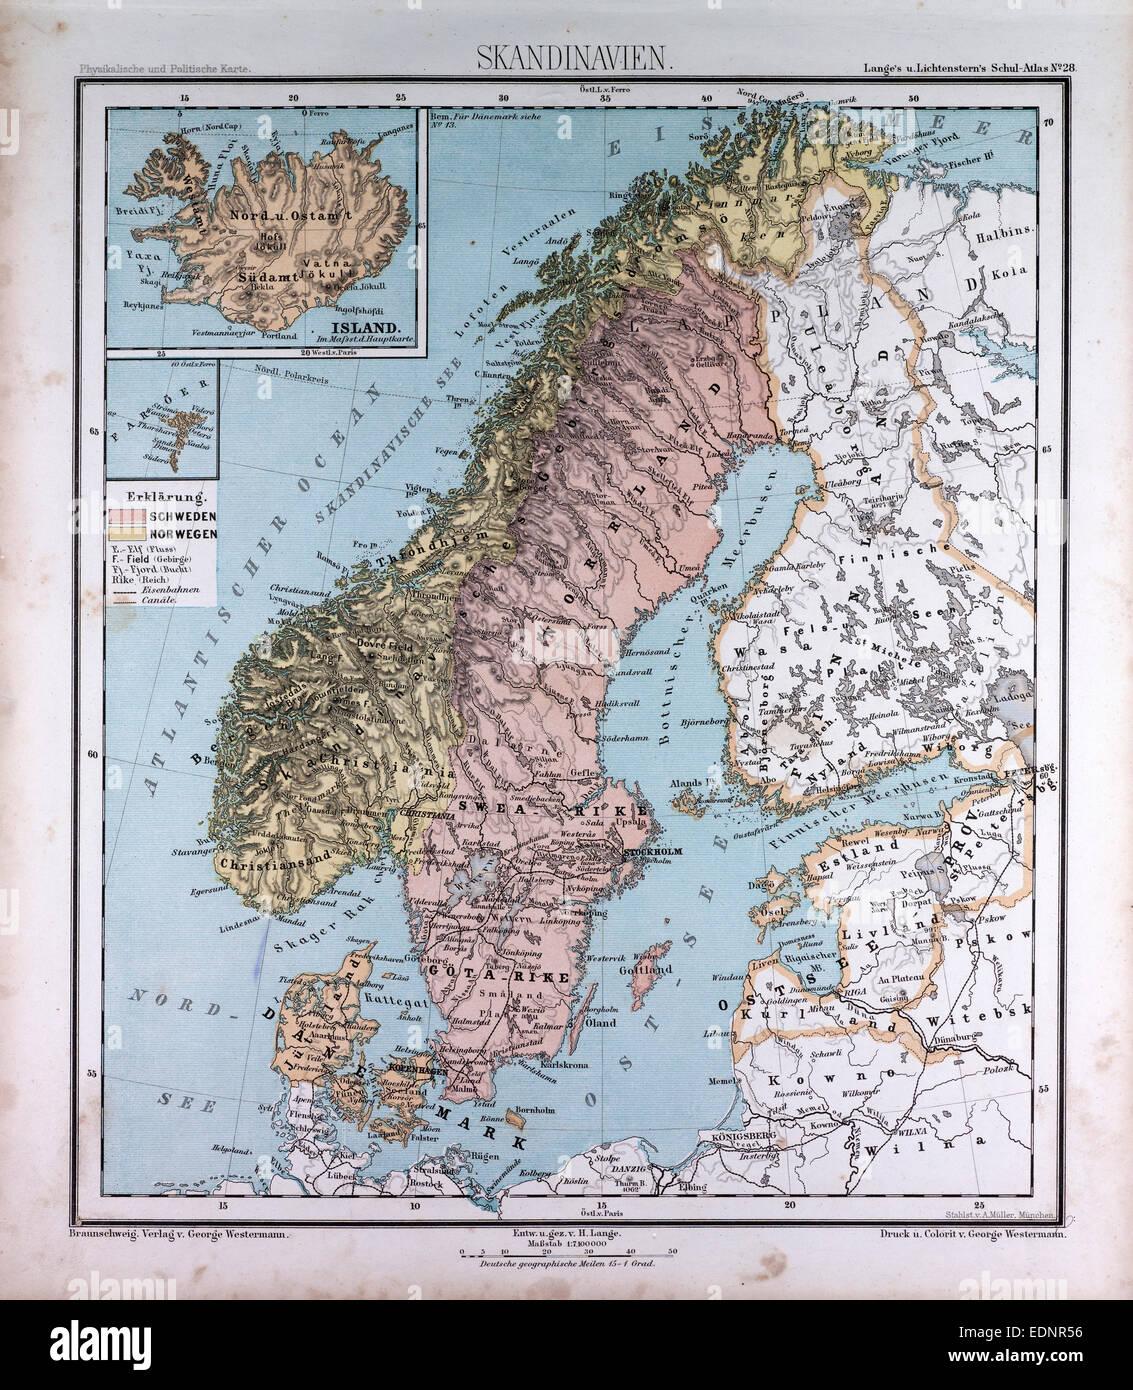 scandinavia northern europe atlas by th von liechtenstern and henry lange antique